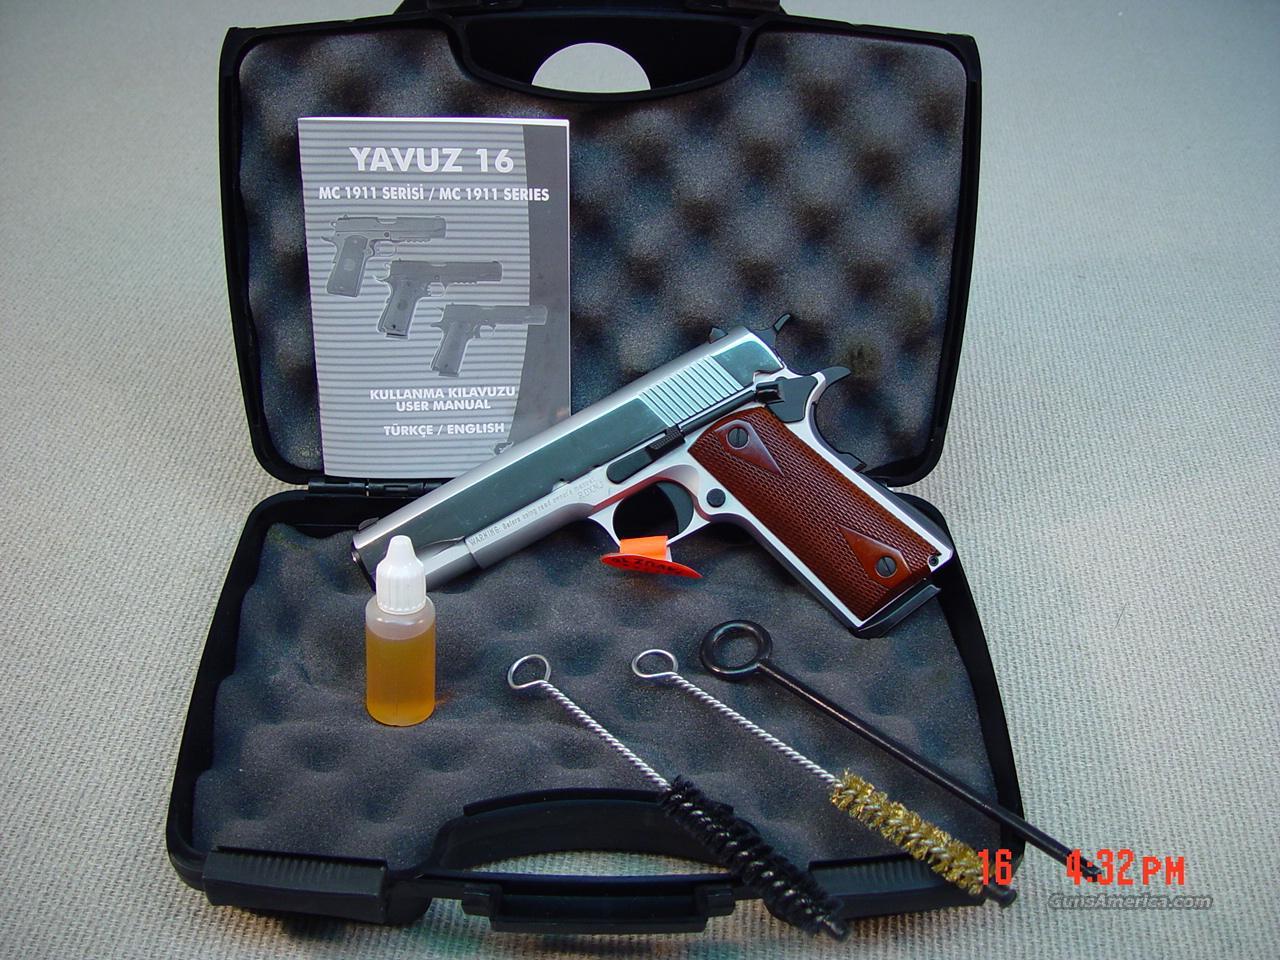 GIRSAN MC 1911 White G2 45ACP   Guns > Pistols > 1911 Pistol Copies (non-Colt)